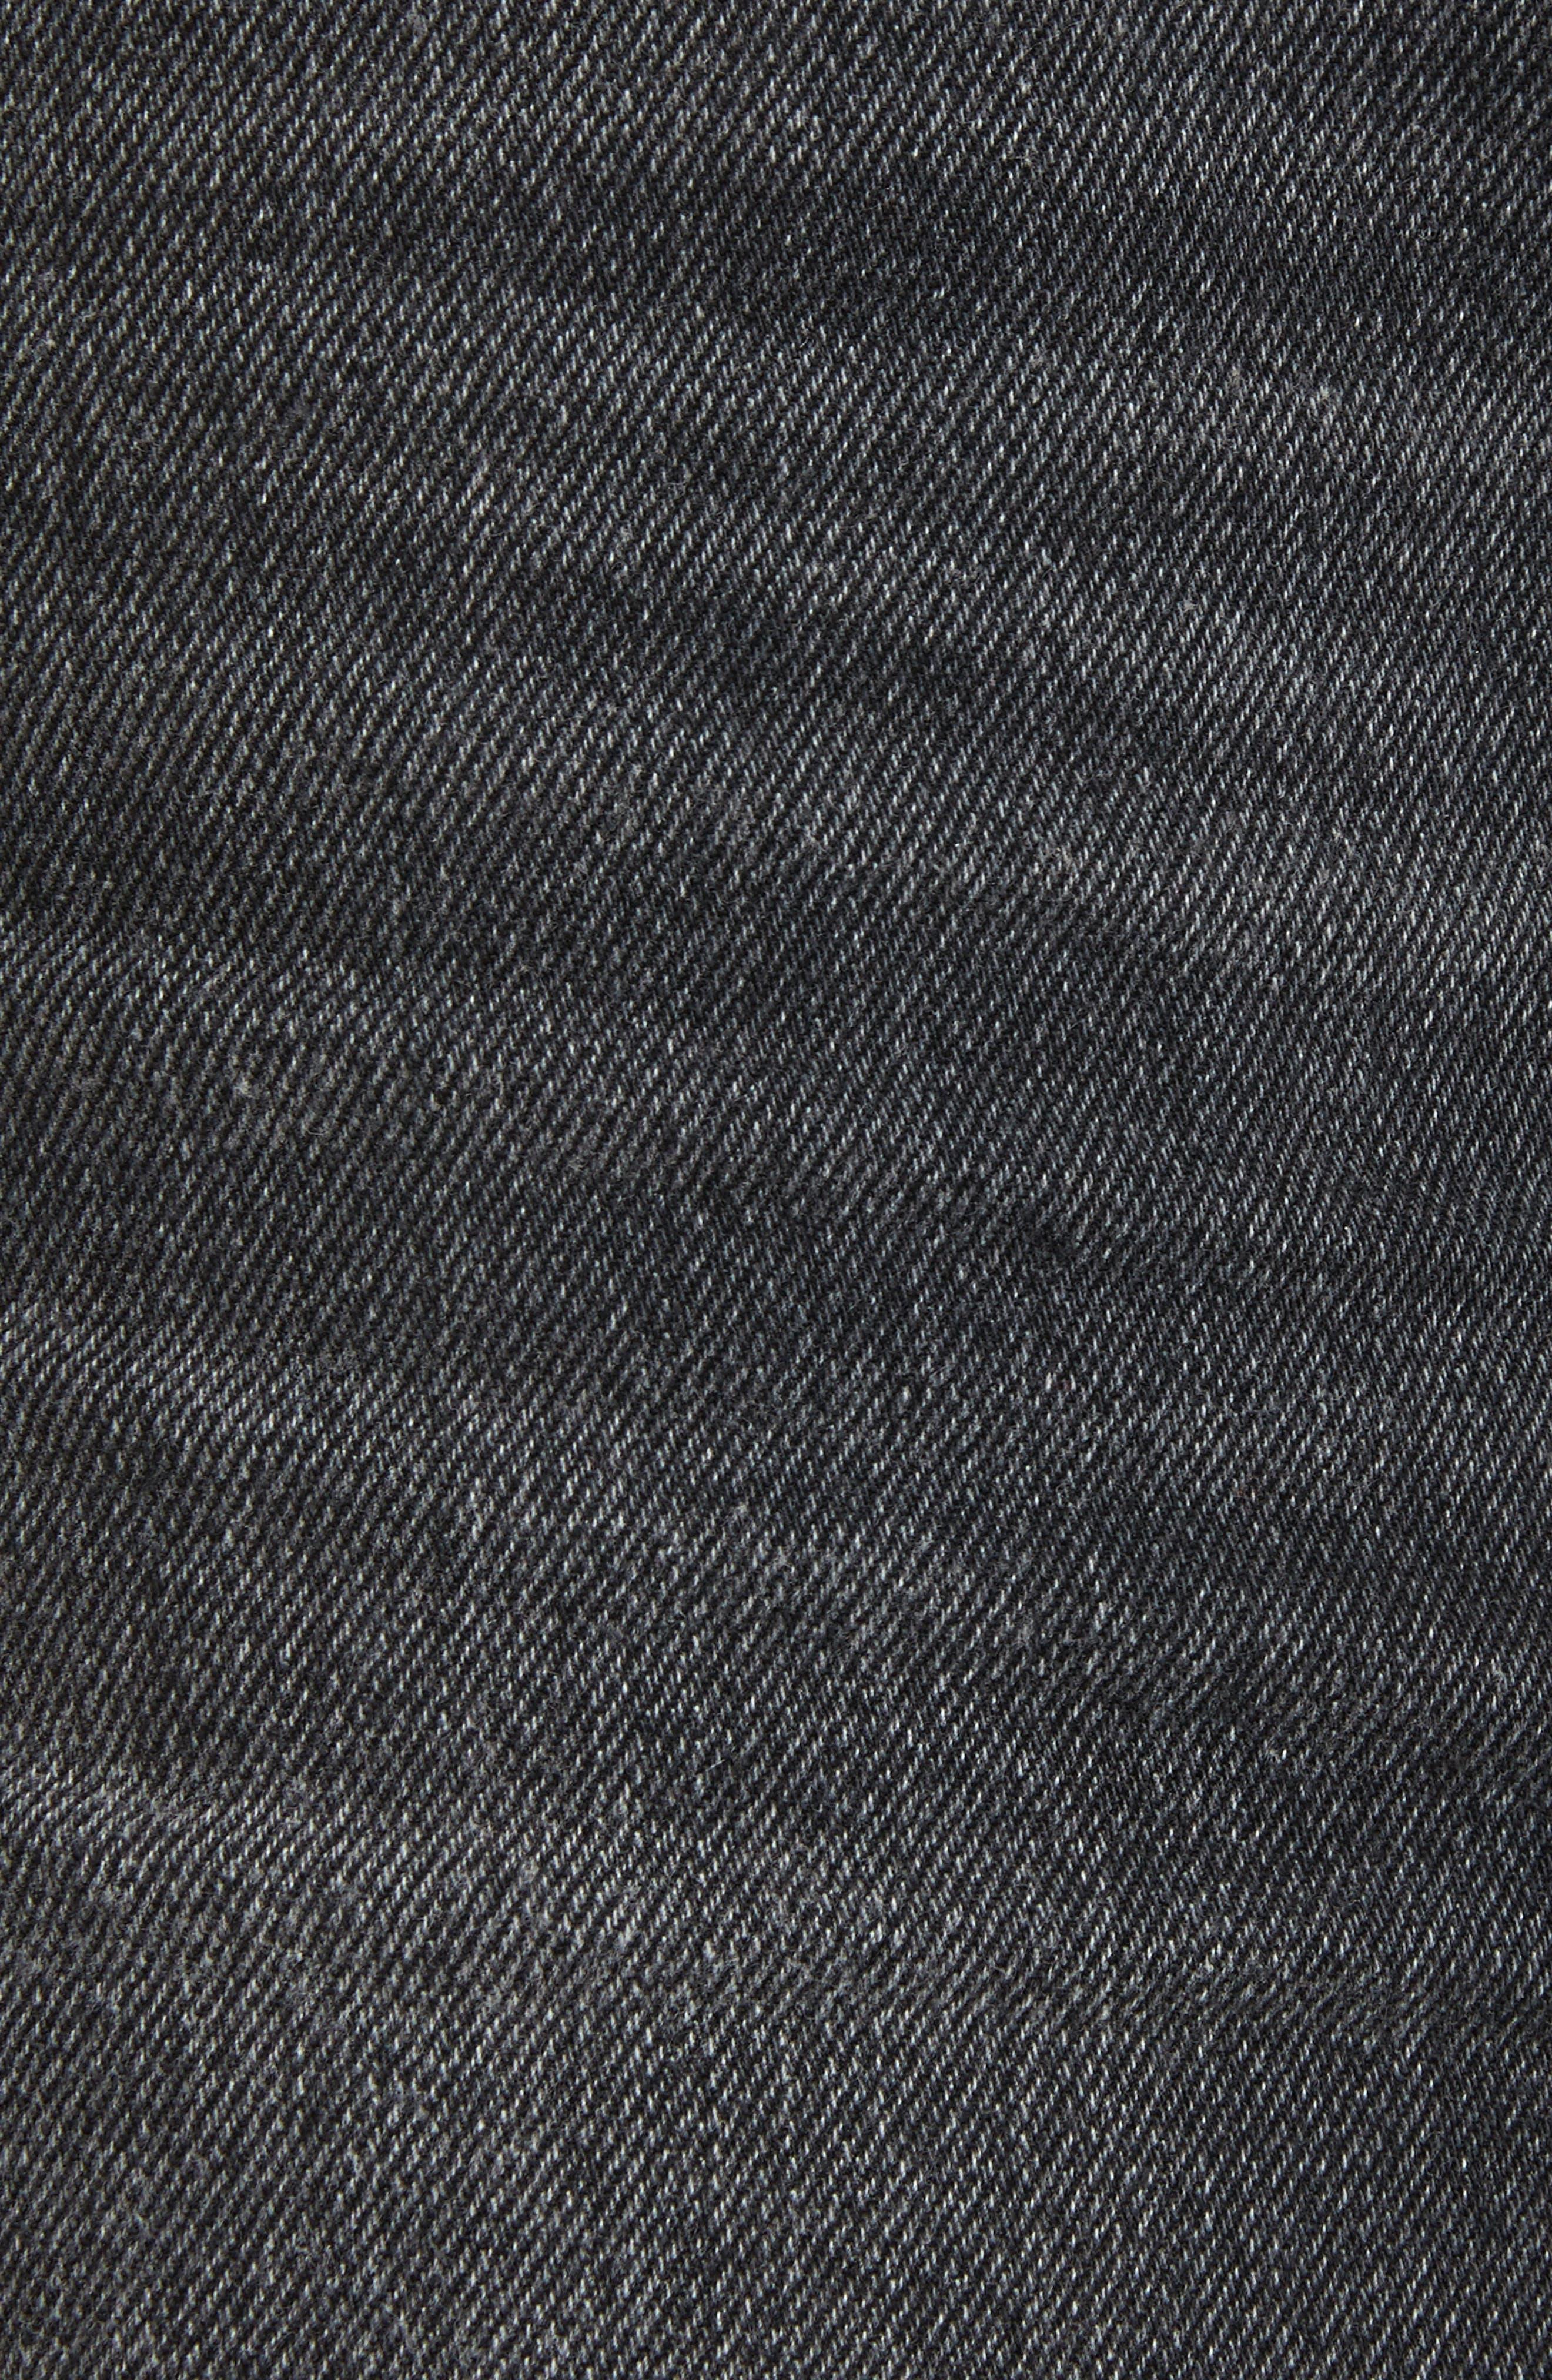 T by Alexander Wang Destroyed Hem Denim Skirt,                             Alternate thumbnail 5, color,                             025